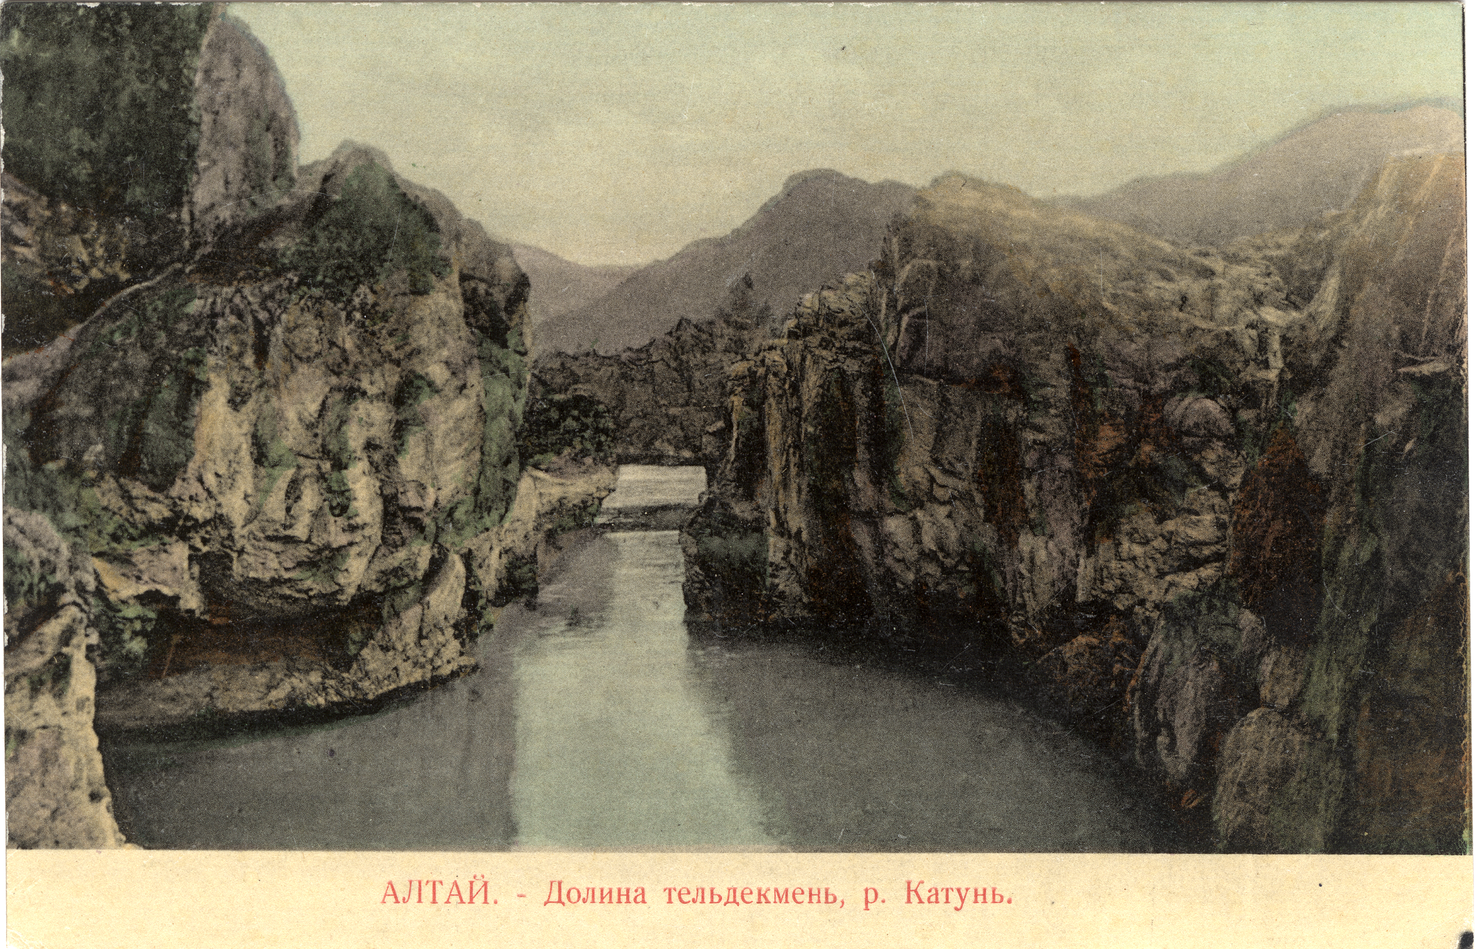 Долина реки Катунь в районе села Чемал. Порог Тель-декмень (Эджиганский порог).